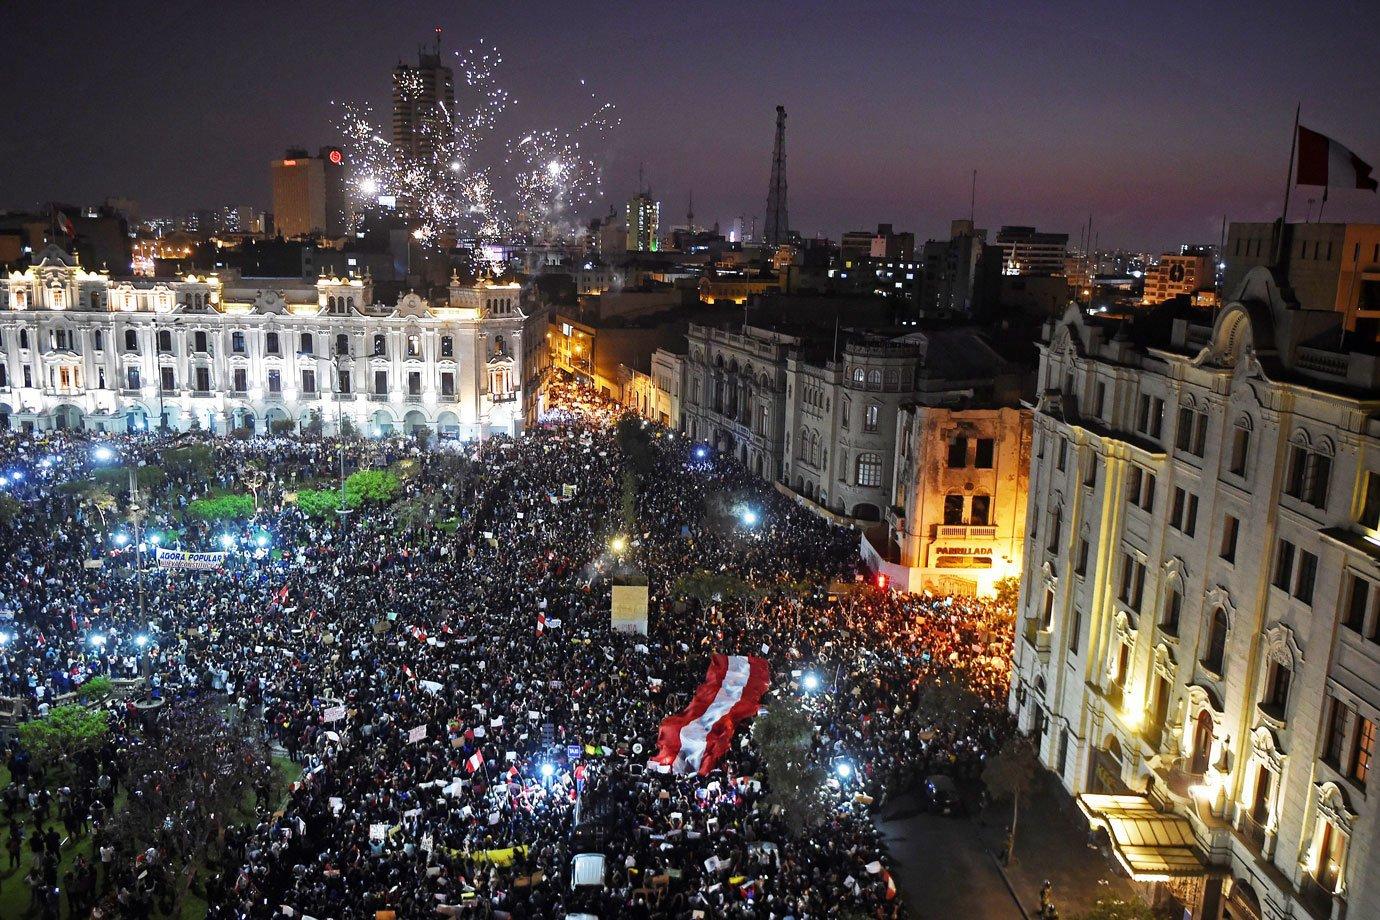 Os protestos têm acontecido desde o dia 9 deste mês, quando o então presidente, Martín Vizcarra, sofreu impeachment por parte do congresso peruano.